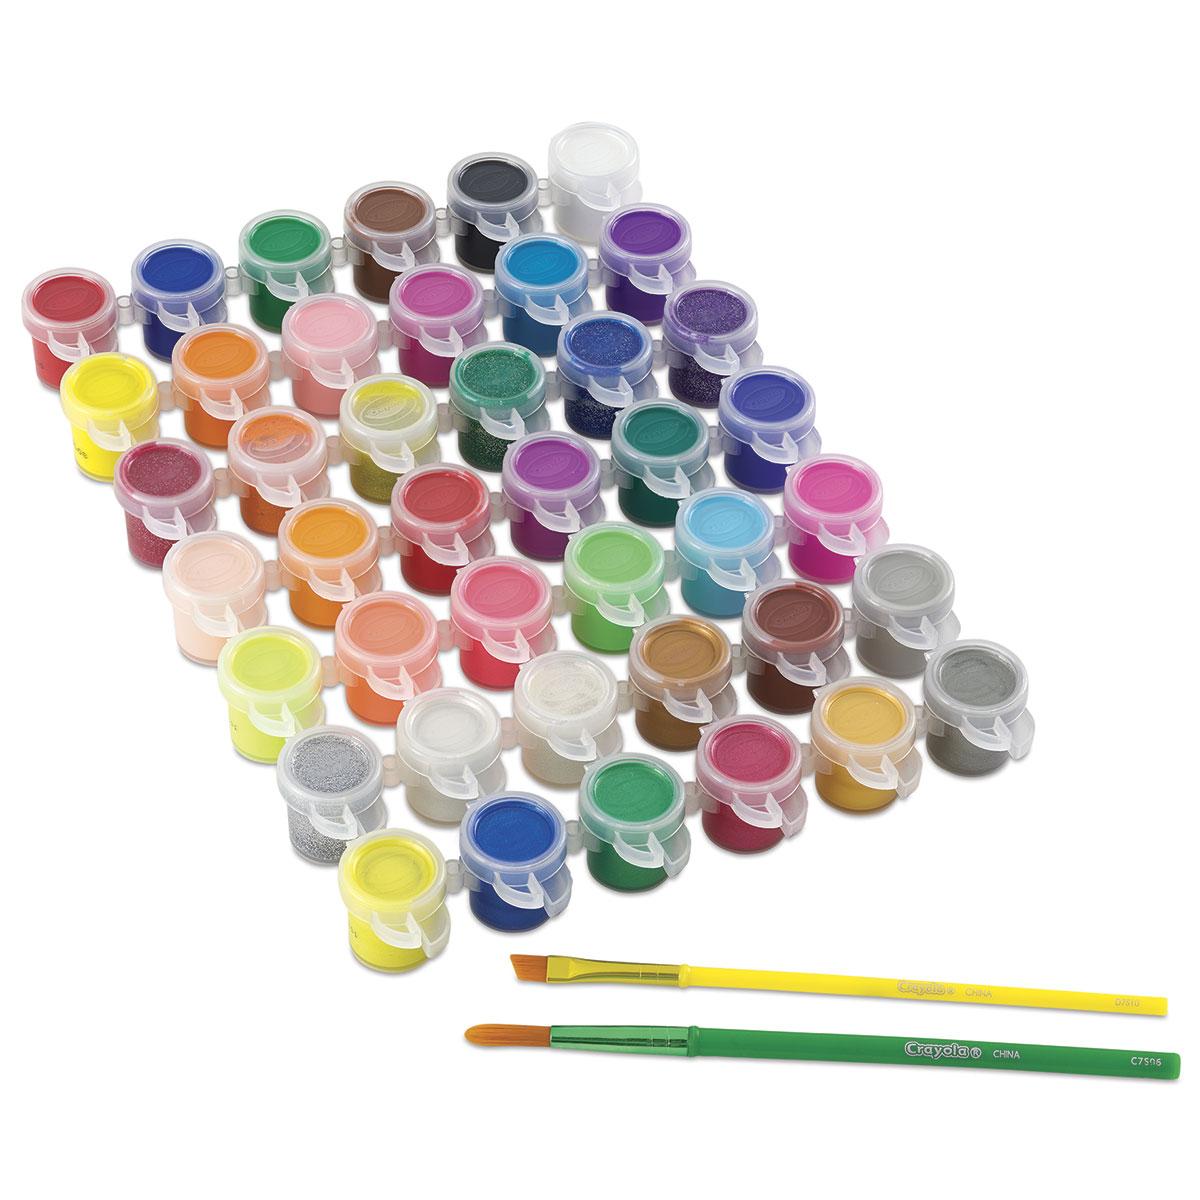 Crayola Washable Kids Paint - Paint Pot Set of 42